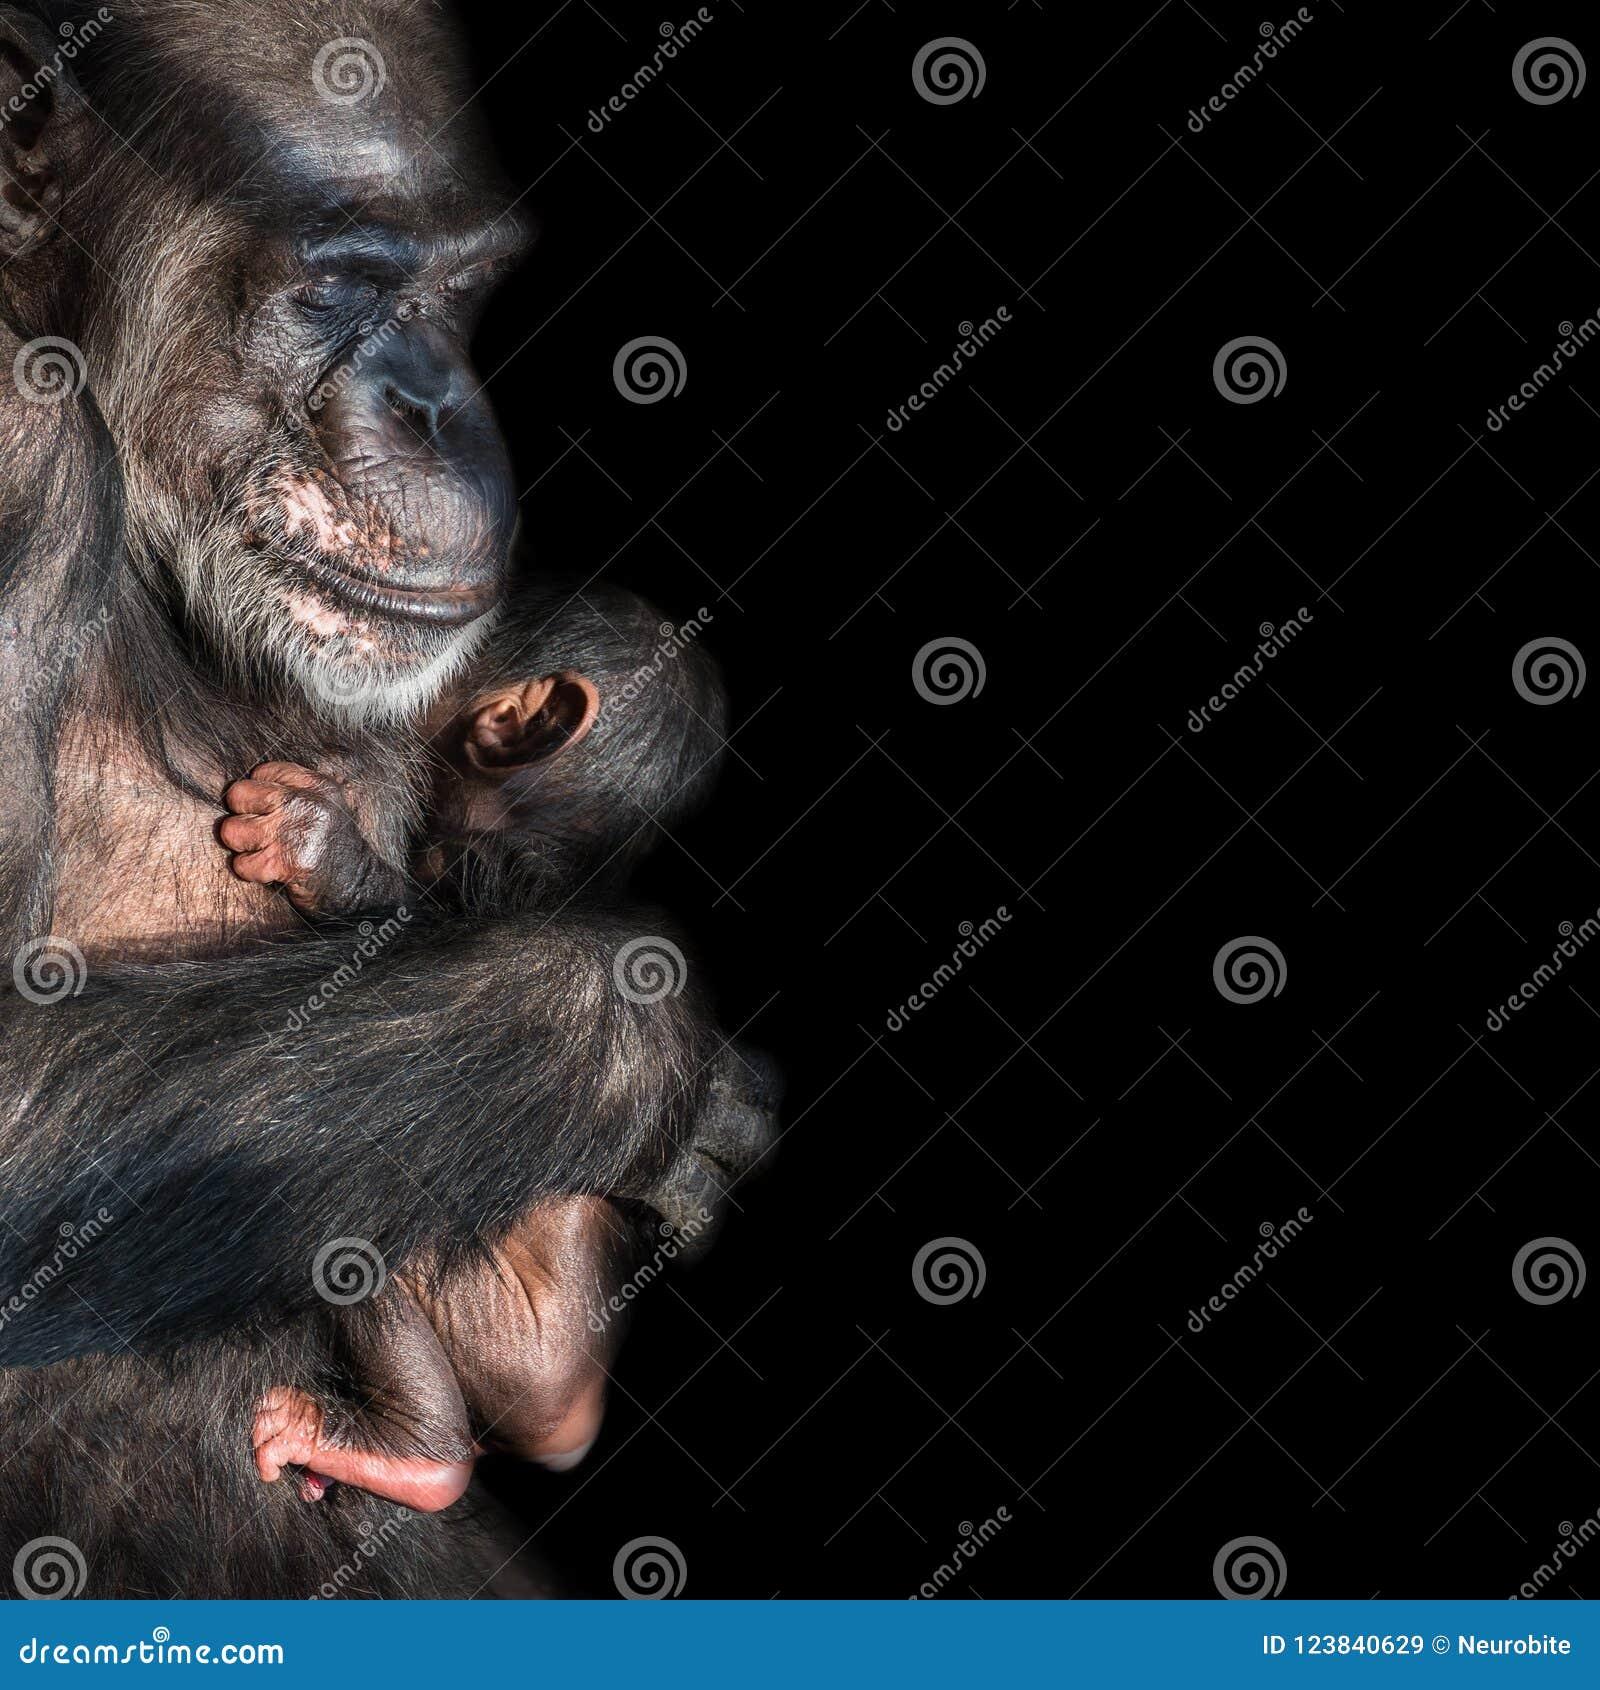 Portrait de chimpanzé de mère avec son petit bébé drôle au noir